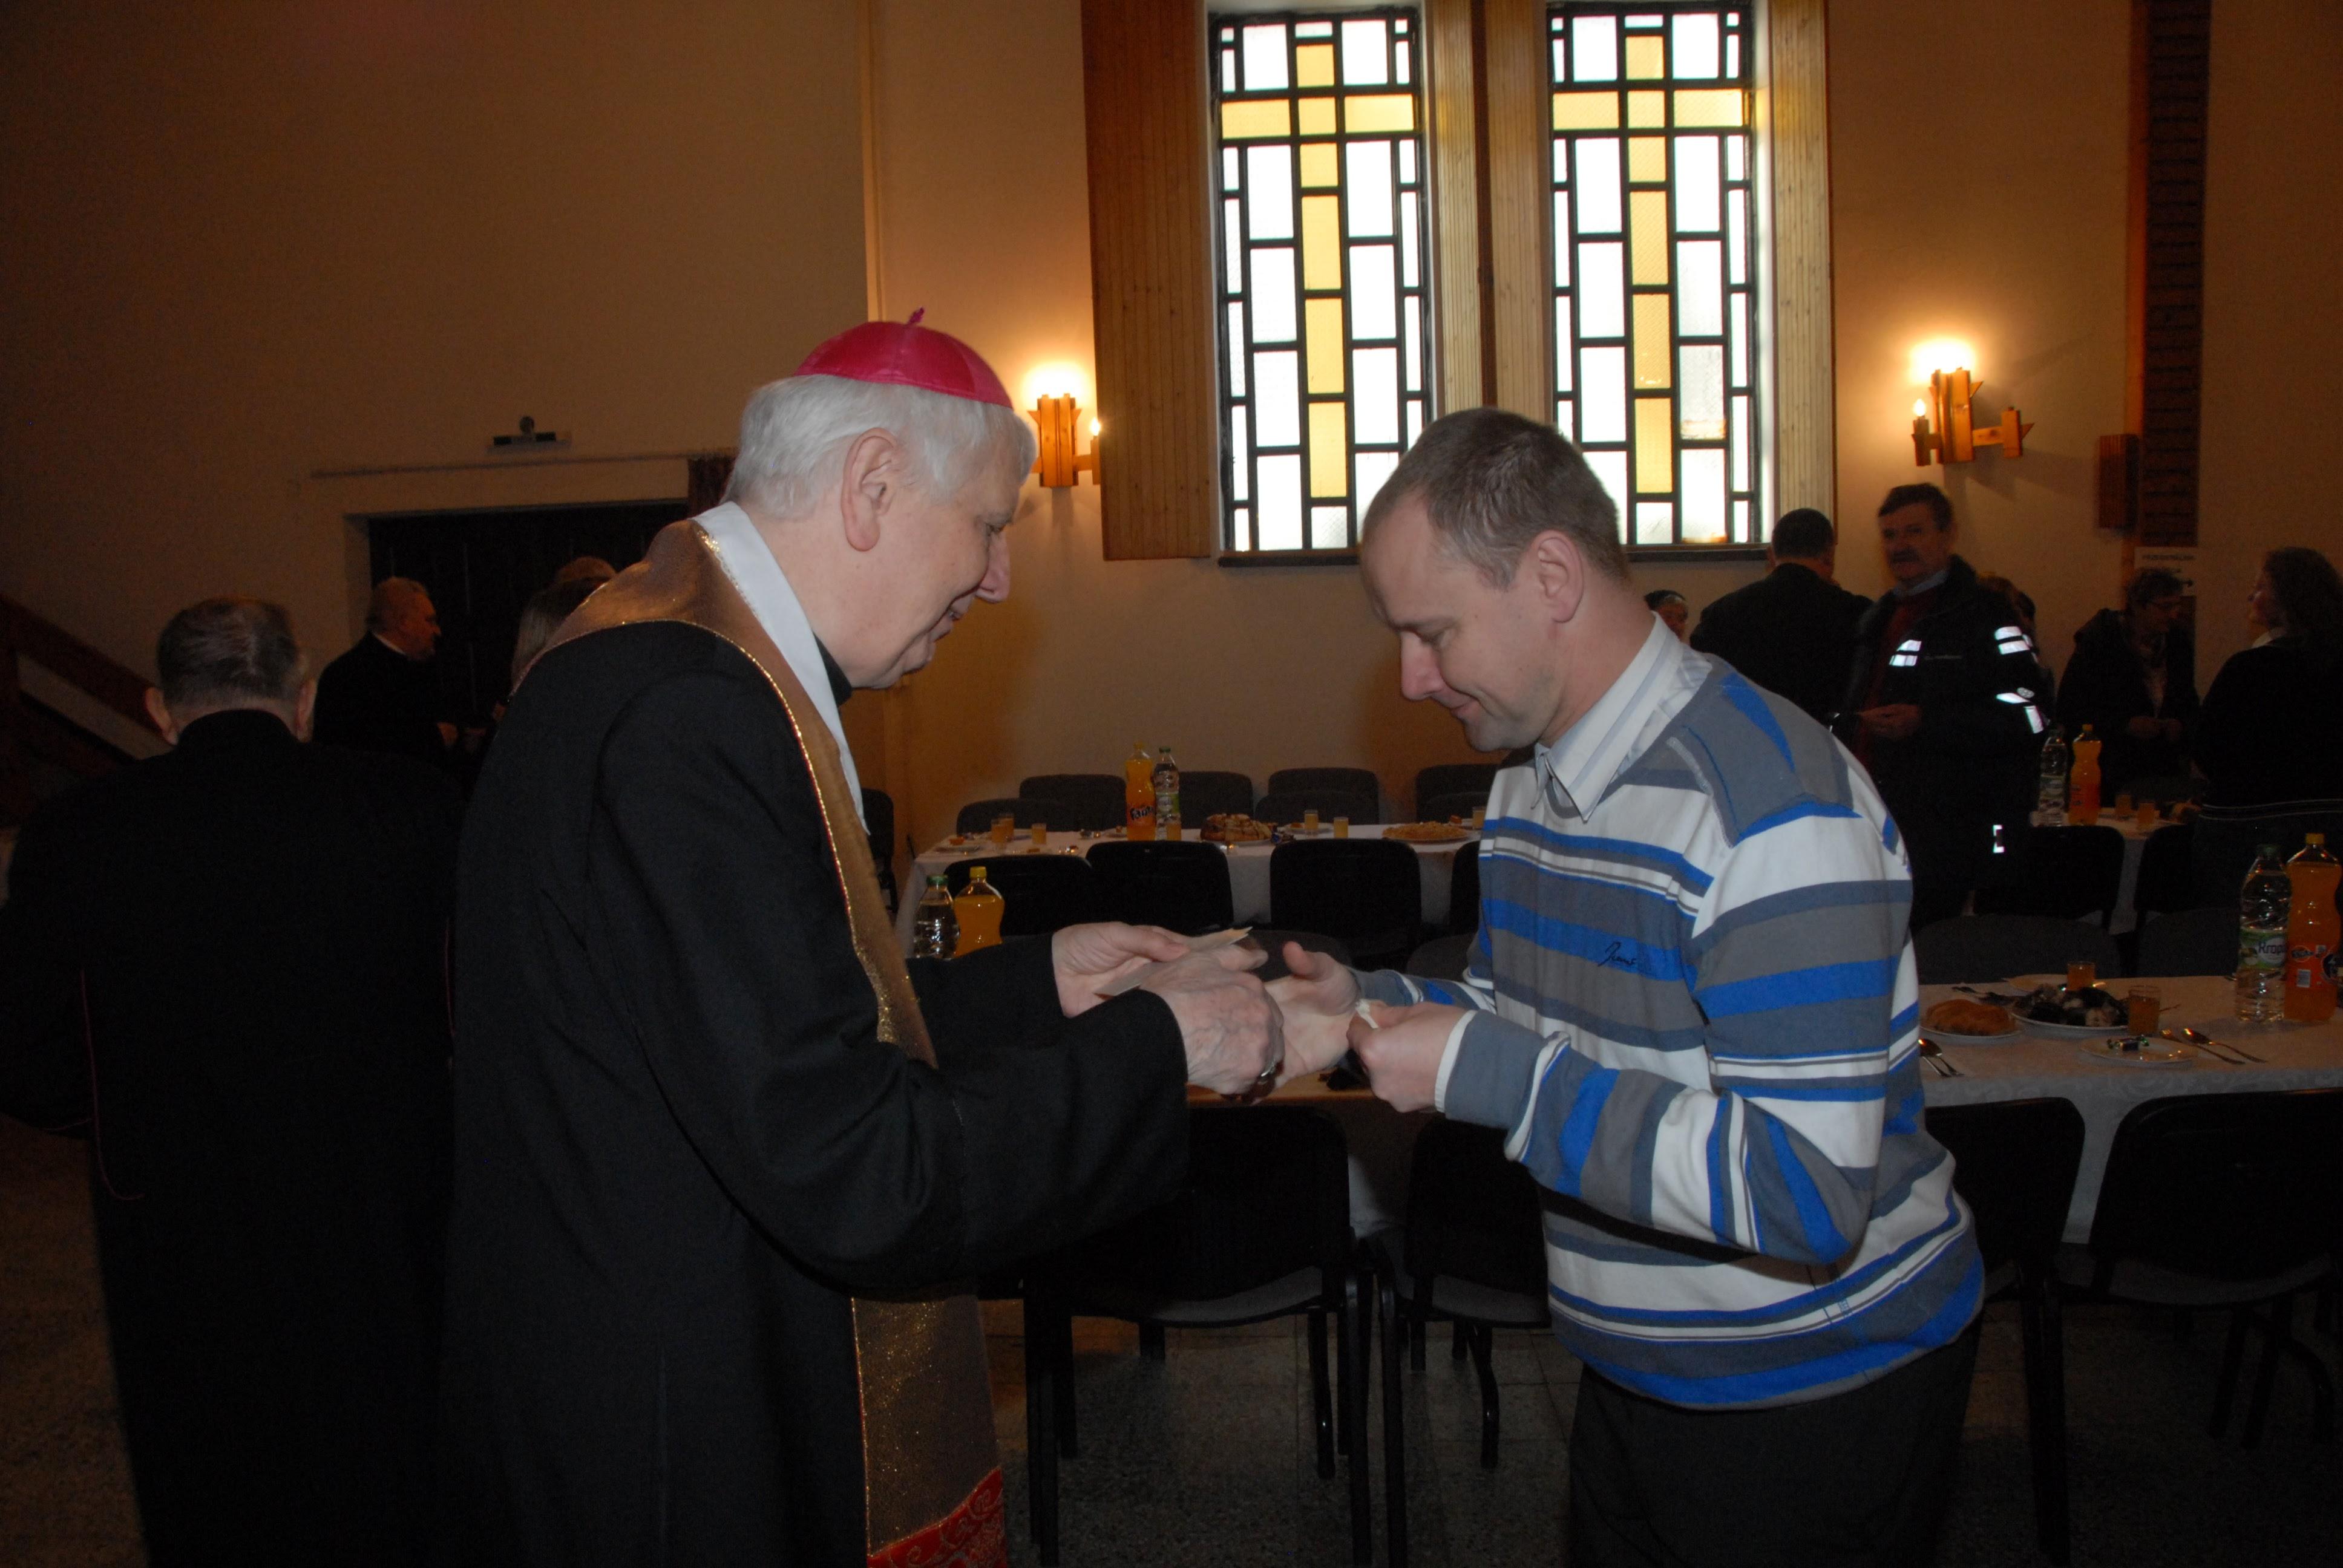 Wigilia dla osób samotnych w Domu Akcji Katolickiej 24.12.2015 r.